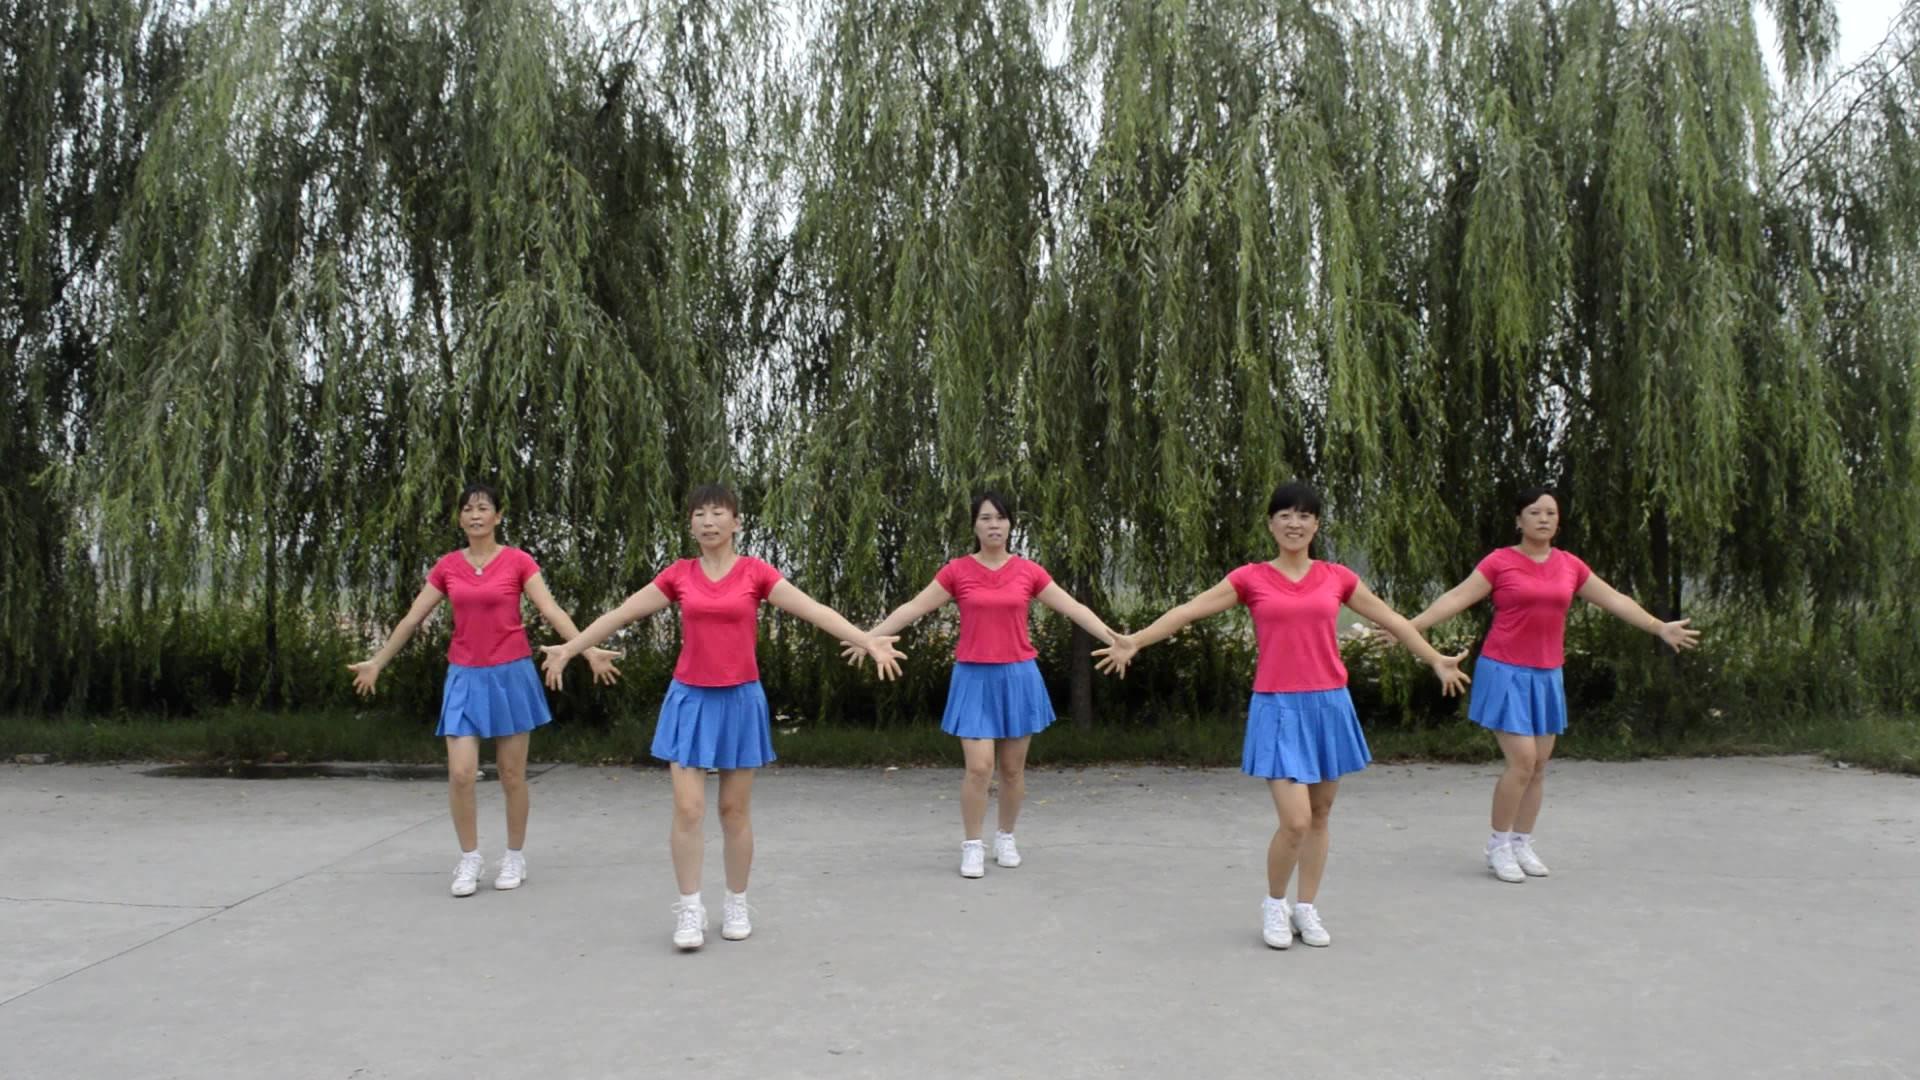 欢快版广场舞,阿姨们配上歌曲《山花朵朵开》,简直太厉害了!